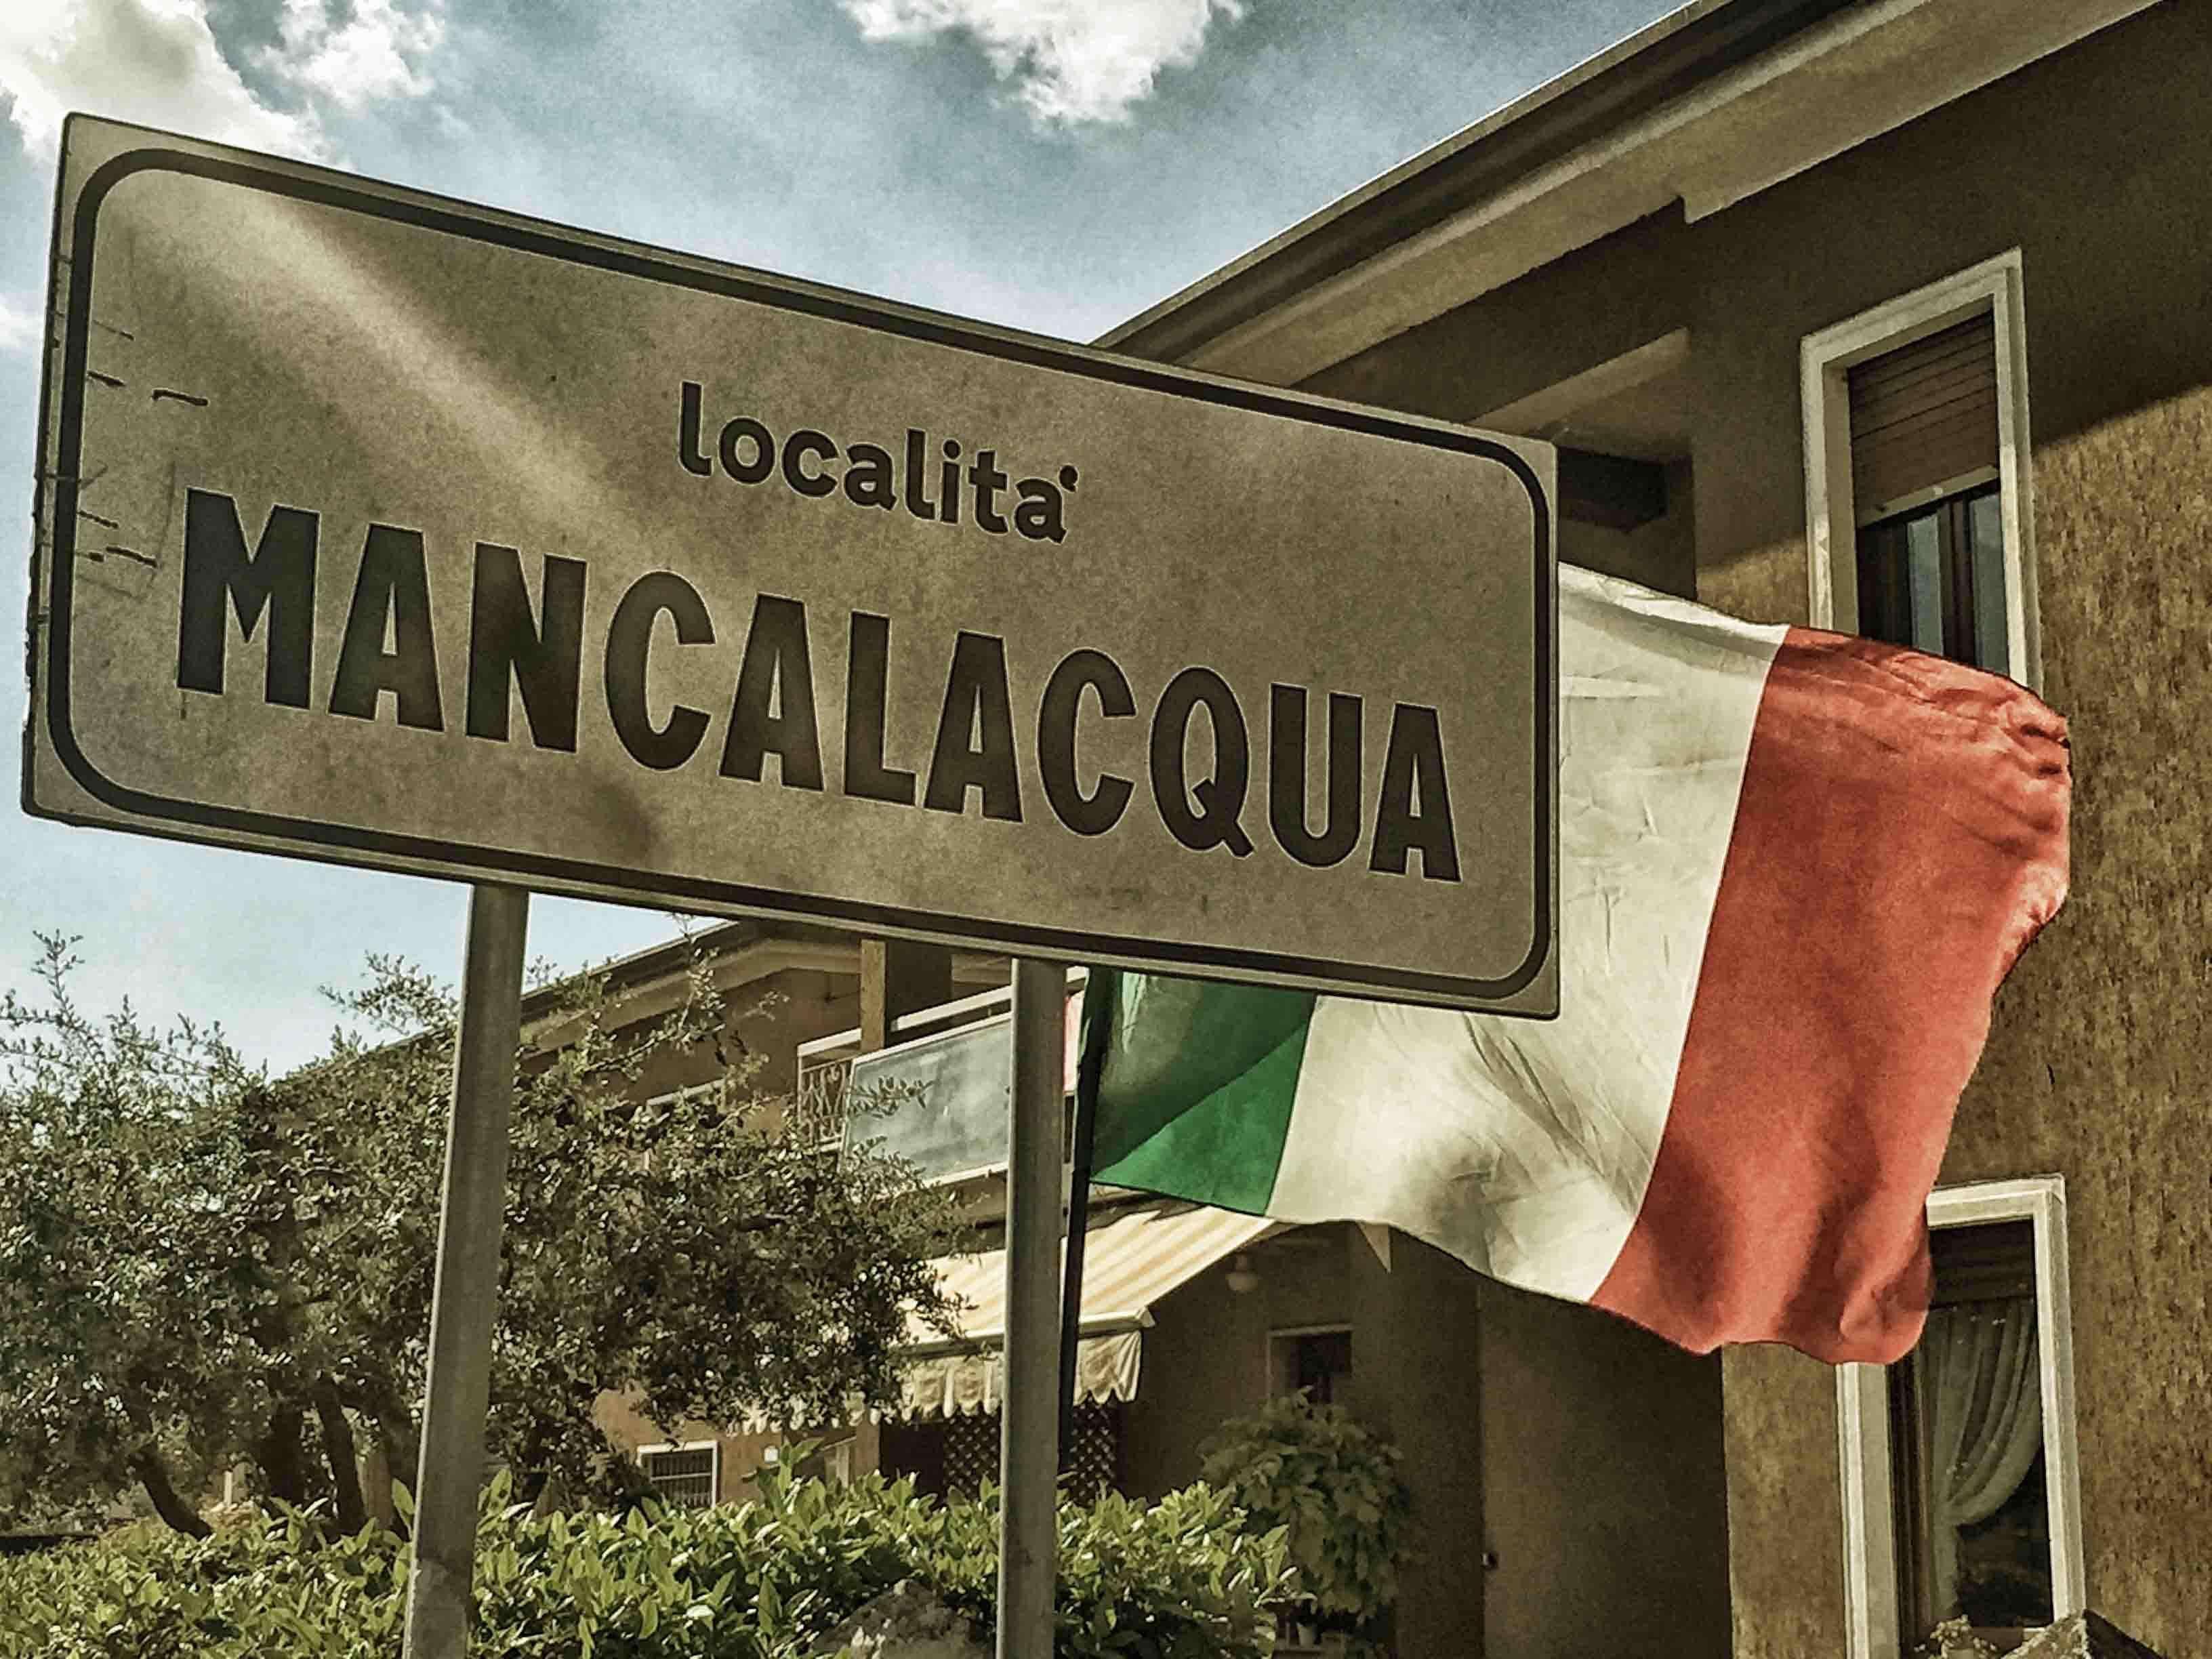 Il cartello di Mancalcqua. Sopra, l'ingresso di Mancalacqua provenendo da Sona negli anni ottanta